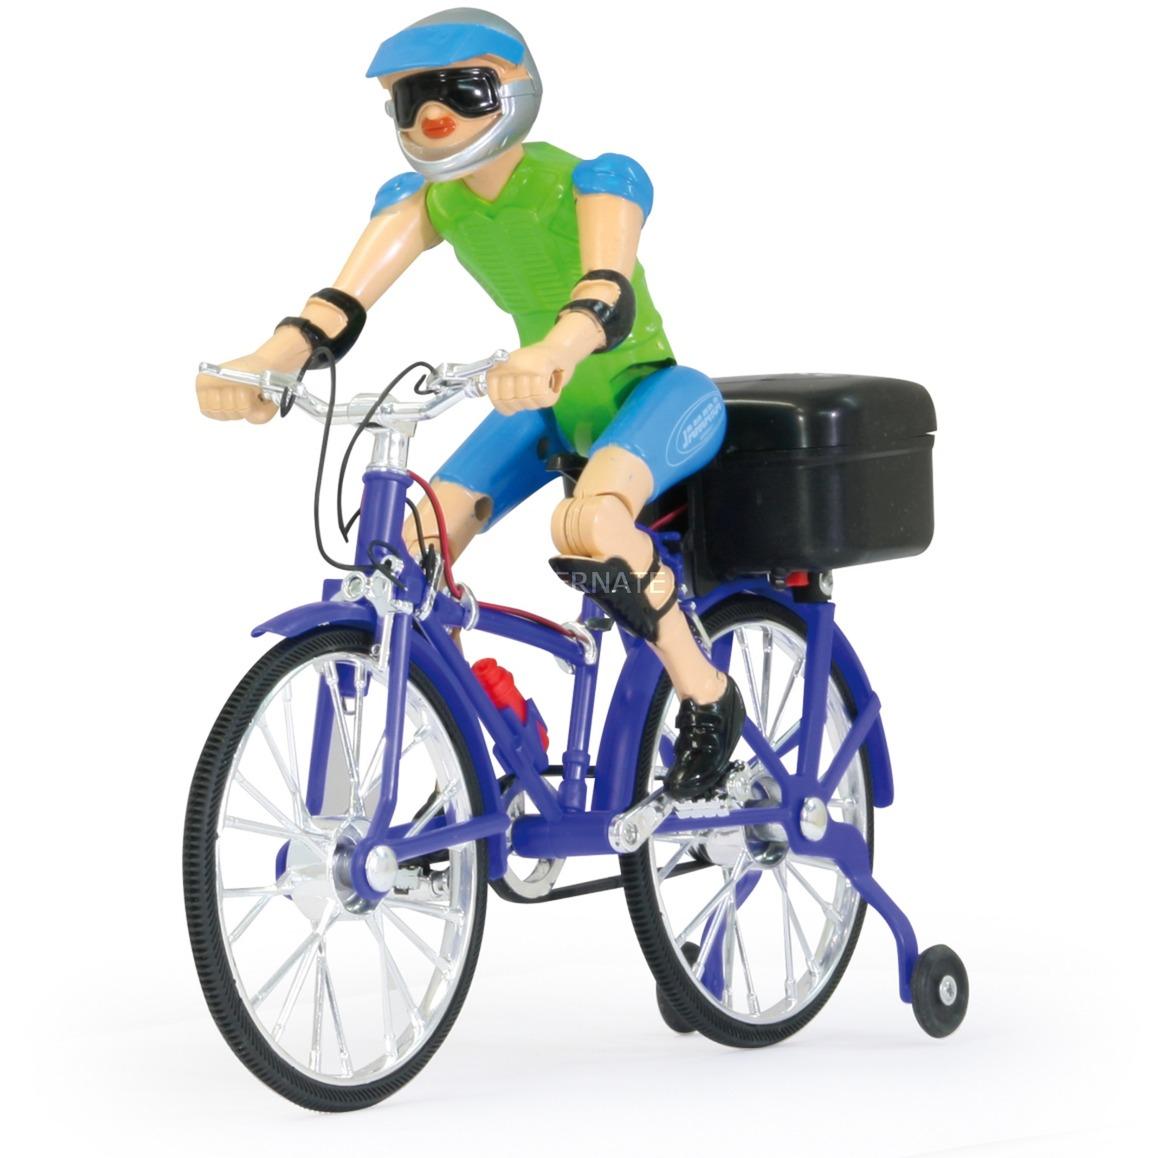 402090 figura de juguete para niños Multicolor, Radiocontrol